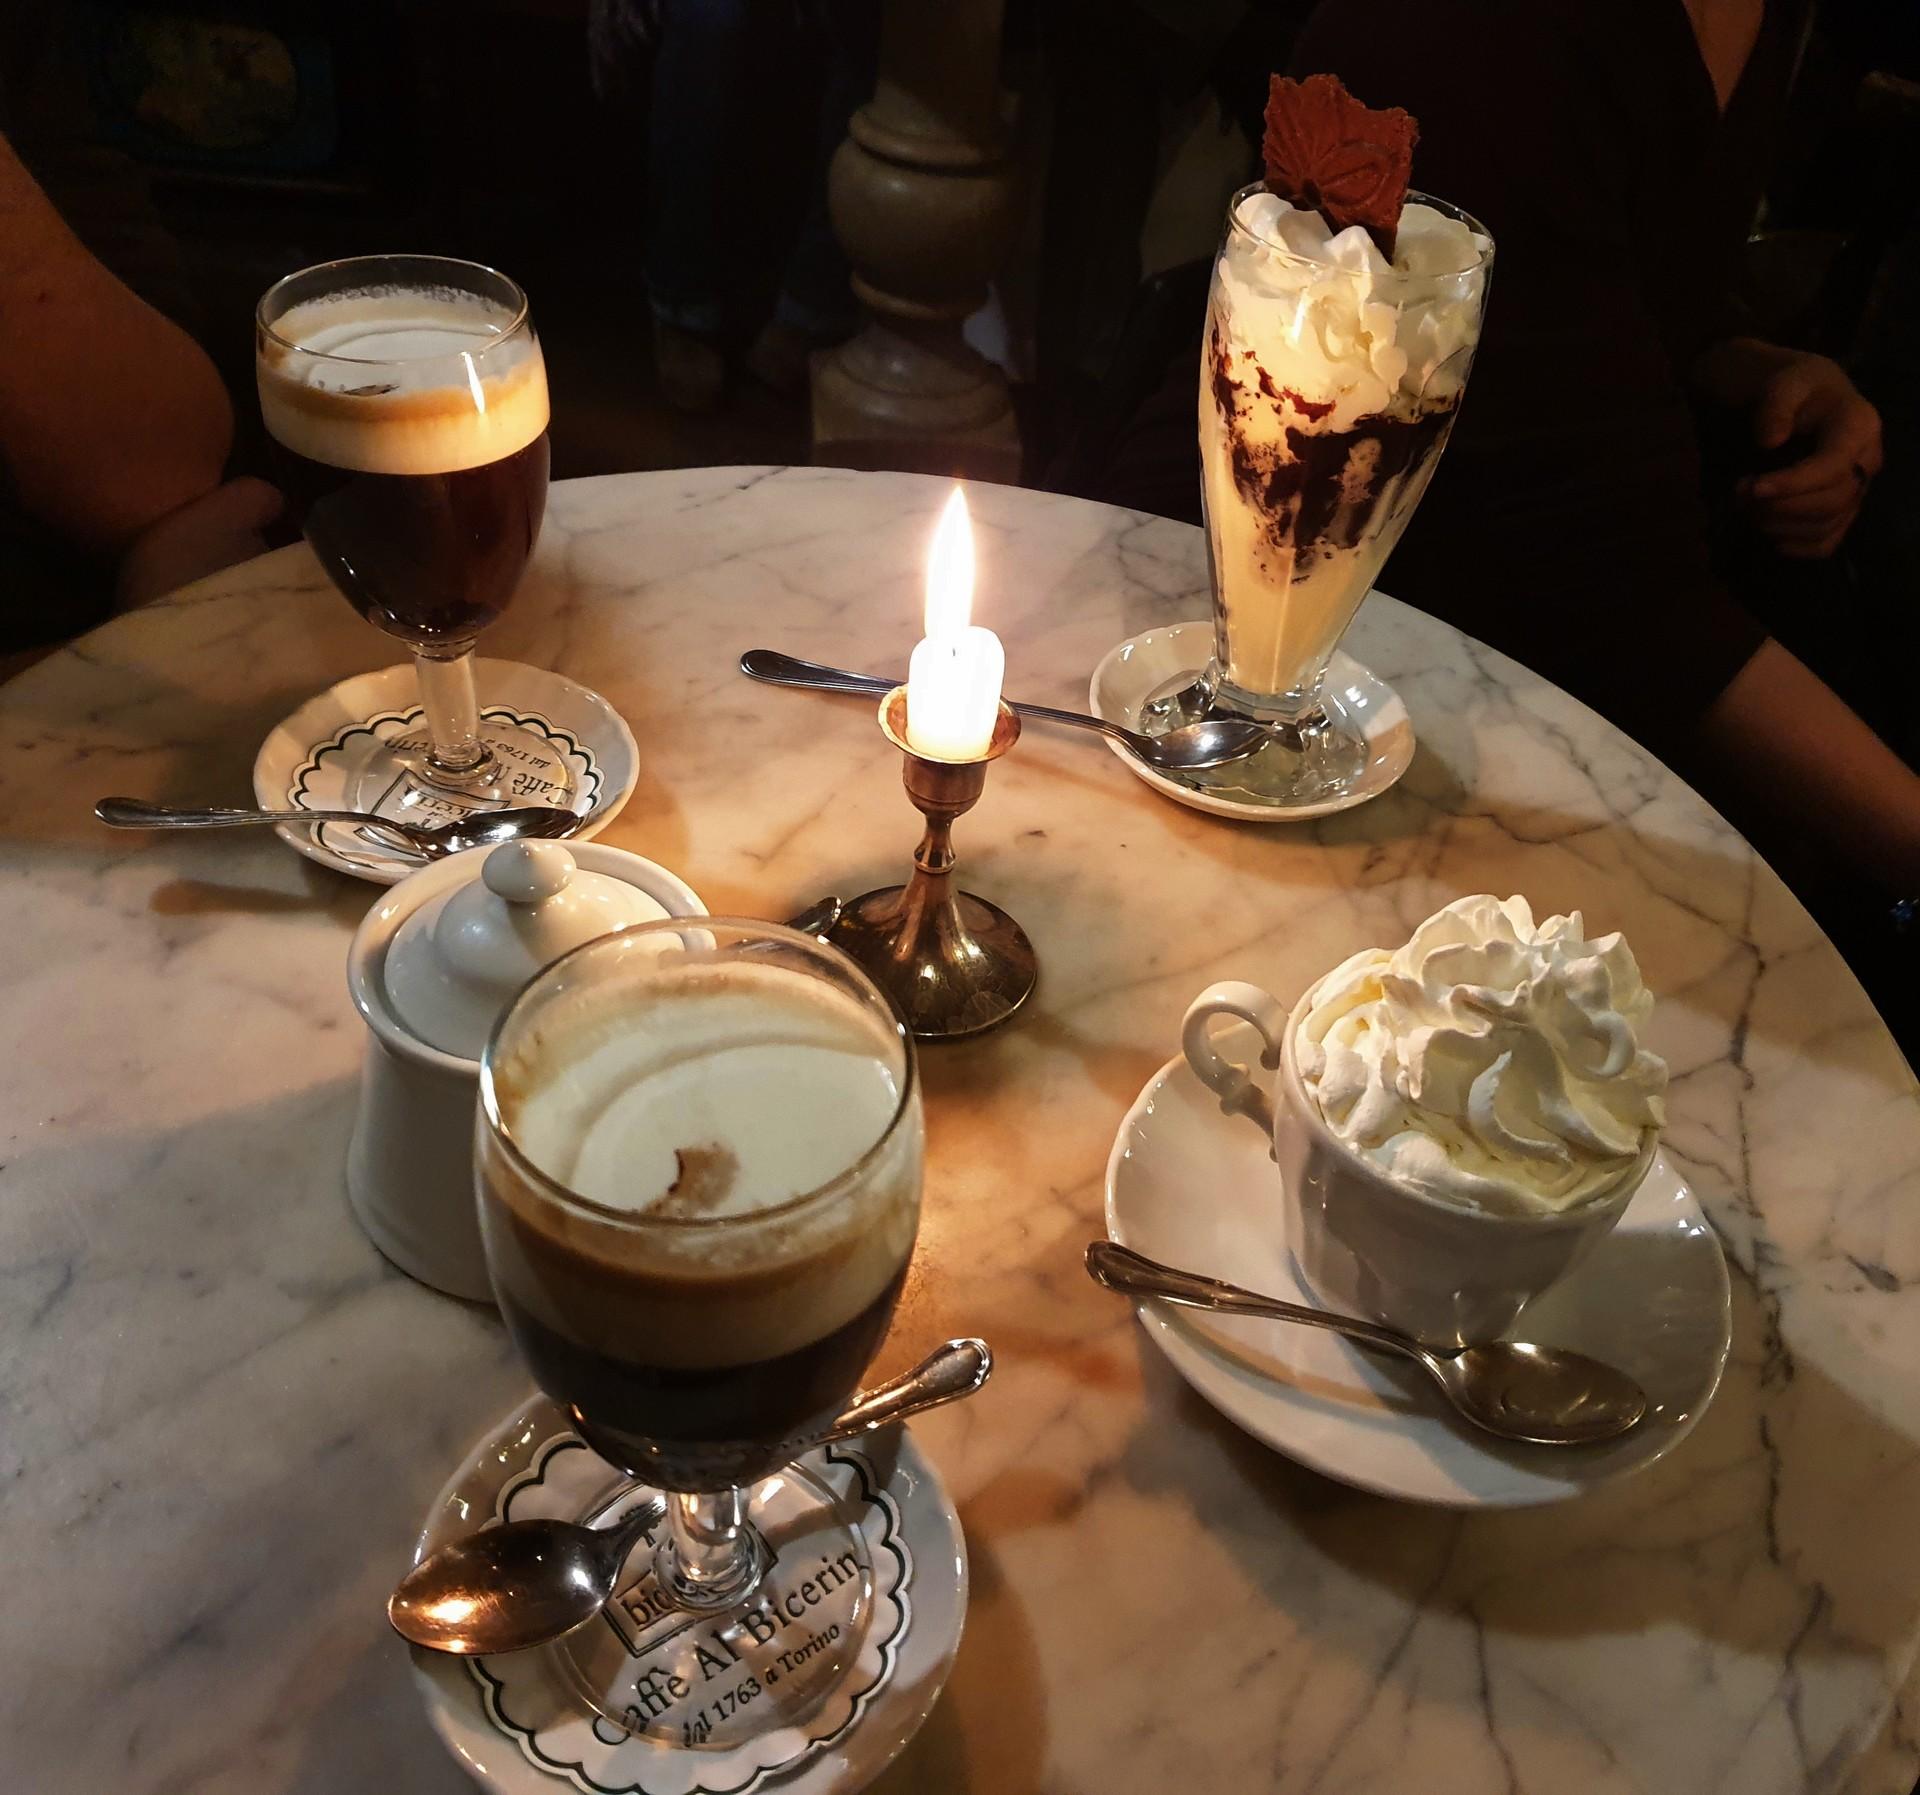 un-sitio-maravilloso-amantes-cafe-4553fc